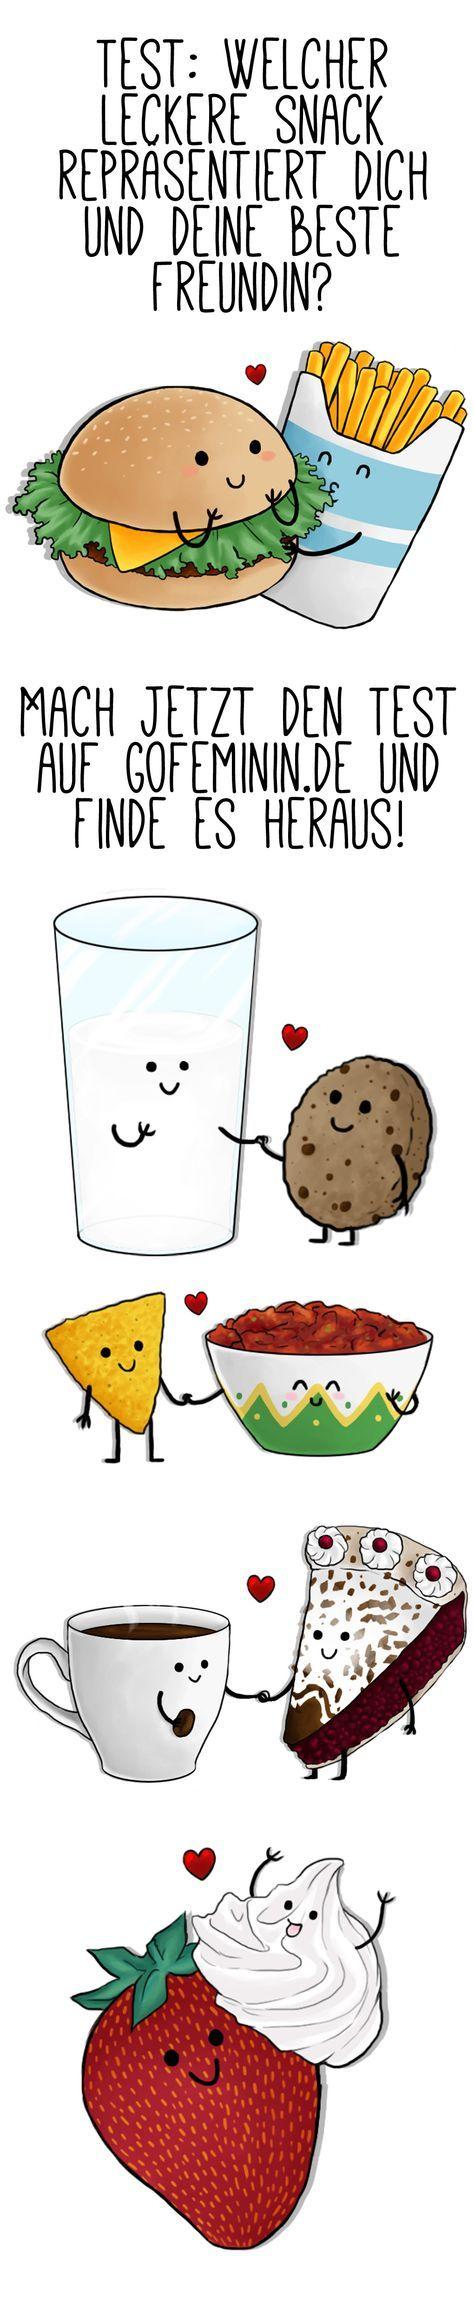 Welcher leckere Snack repräsentiert dich und deine beste Freundin?